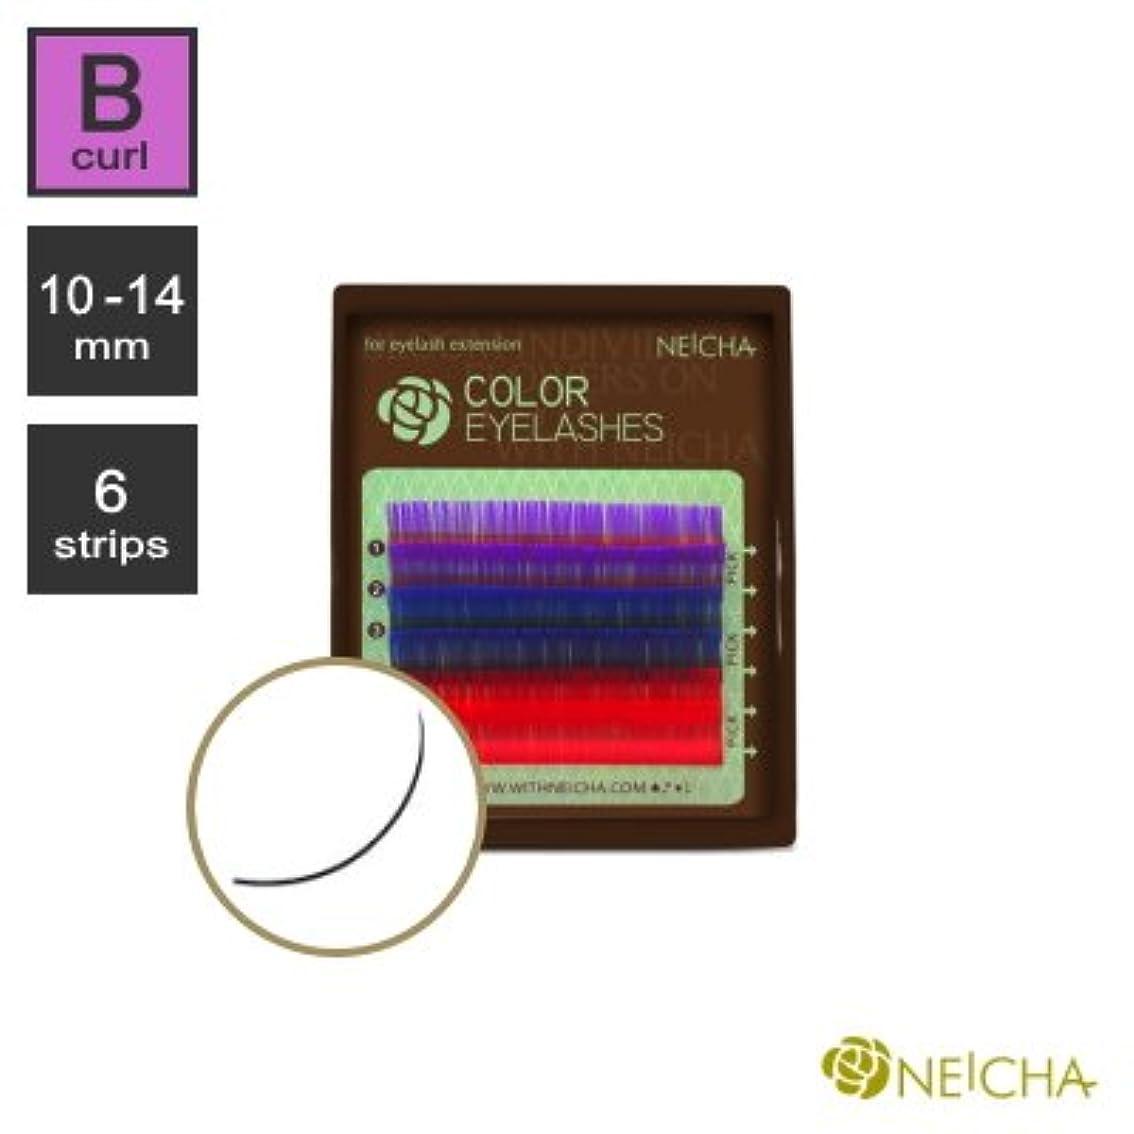 起こりやすい受け継ぐ有効化まつエク《目尻のポイントカラーが可愛い!》NEICHA 3カラーラッシュ (紫/青/赤) (Bカール) (6列) (10mm)